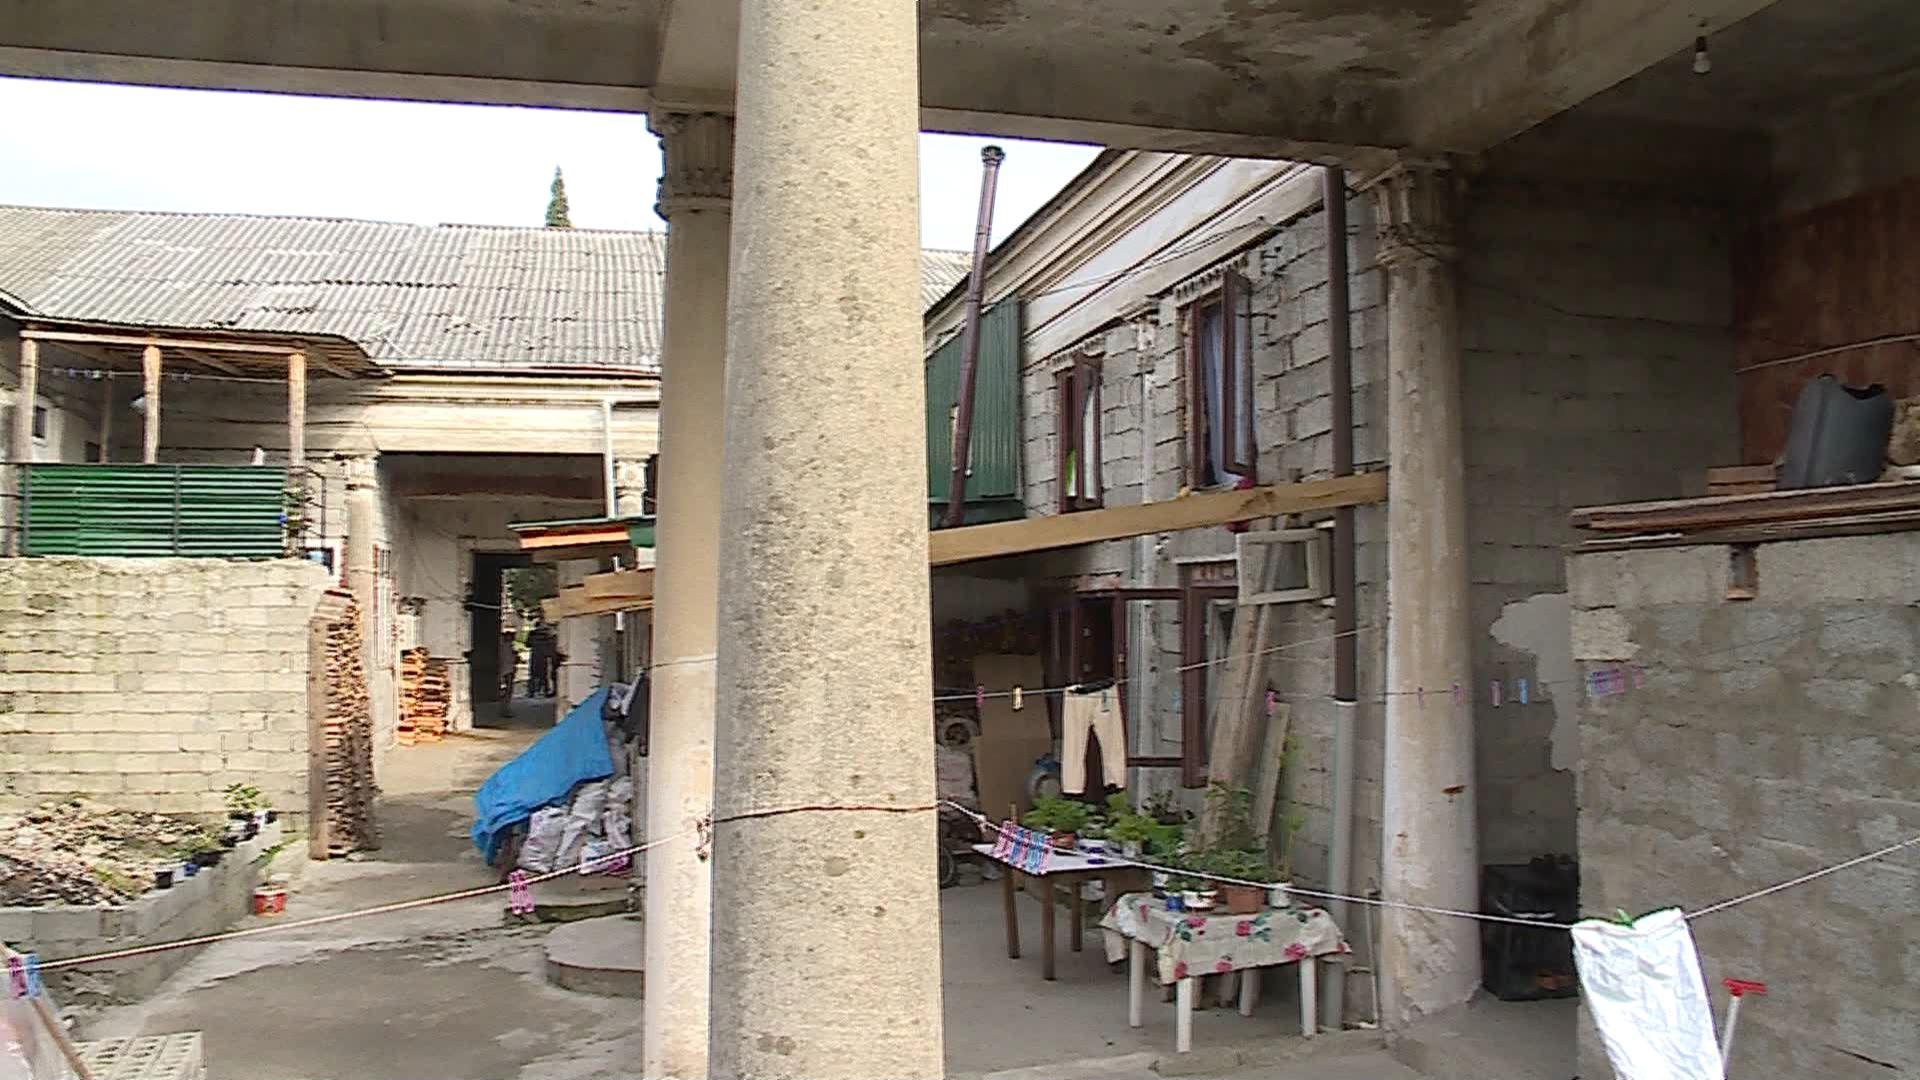 რას შესთავაზებენ სახელმწიფო ბალანსზე არსებულ 10 შენობაში მცხოვრებლებს?